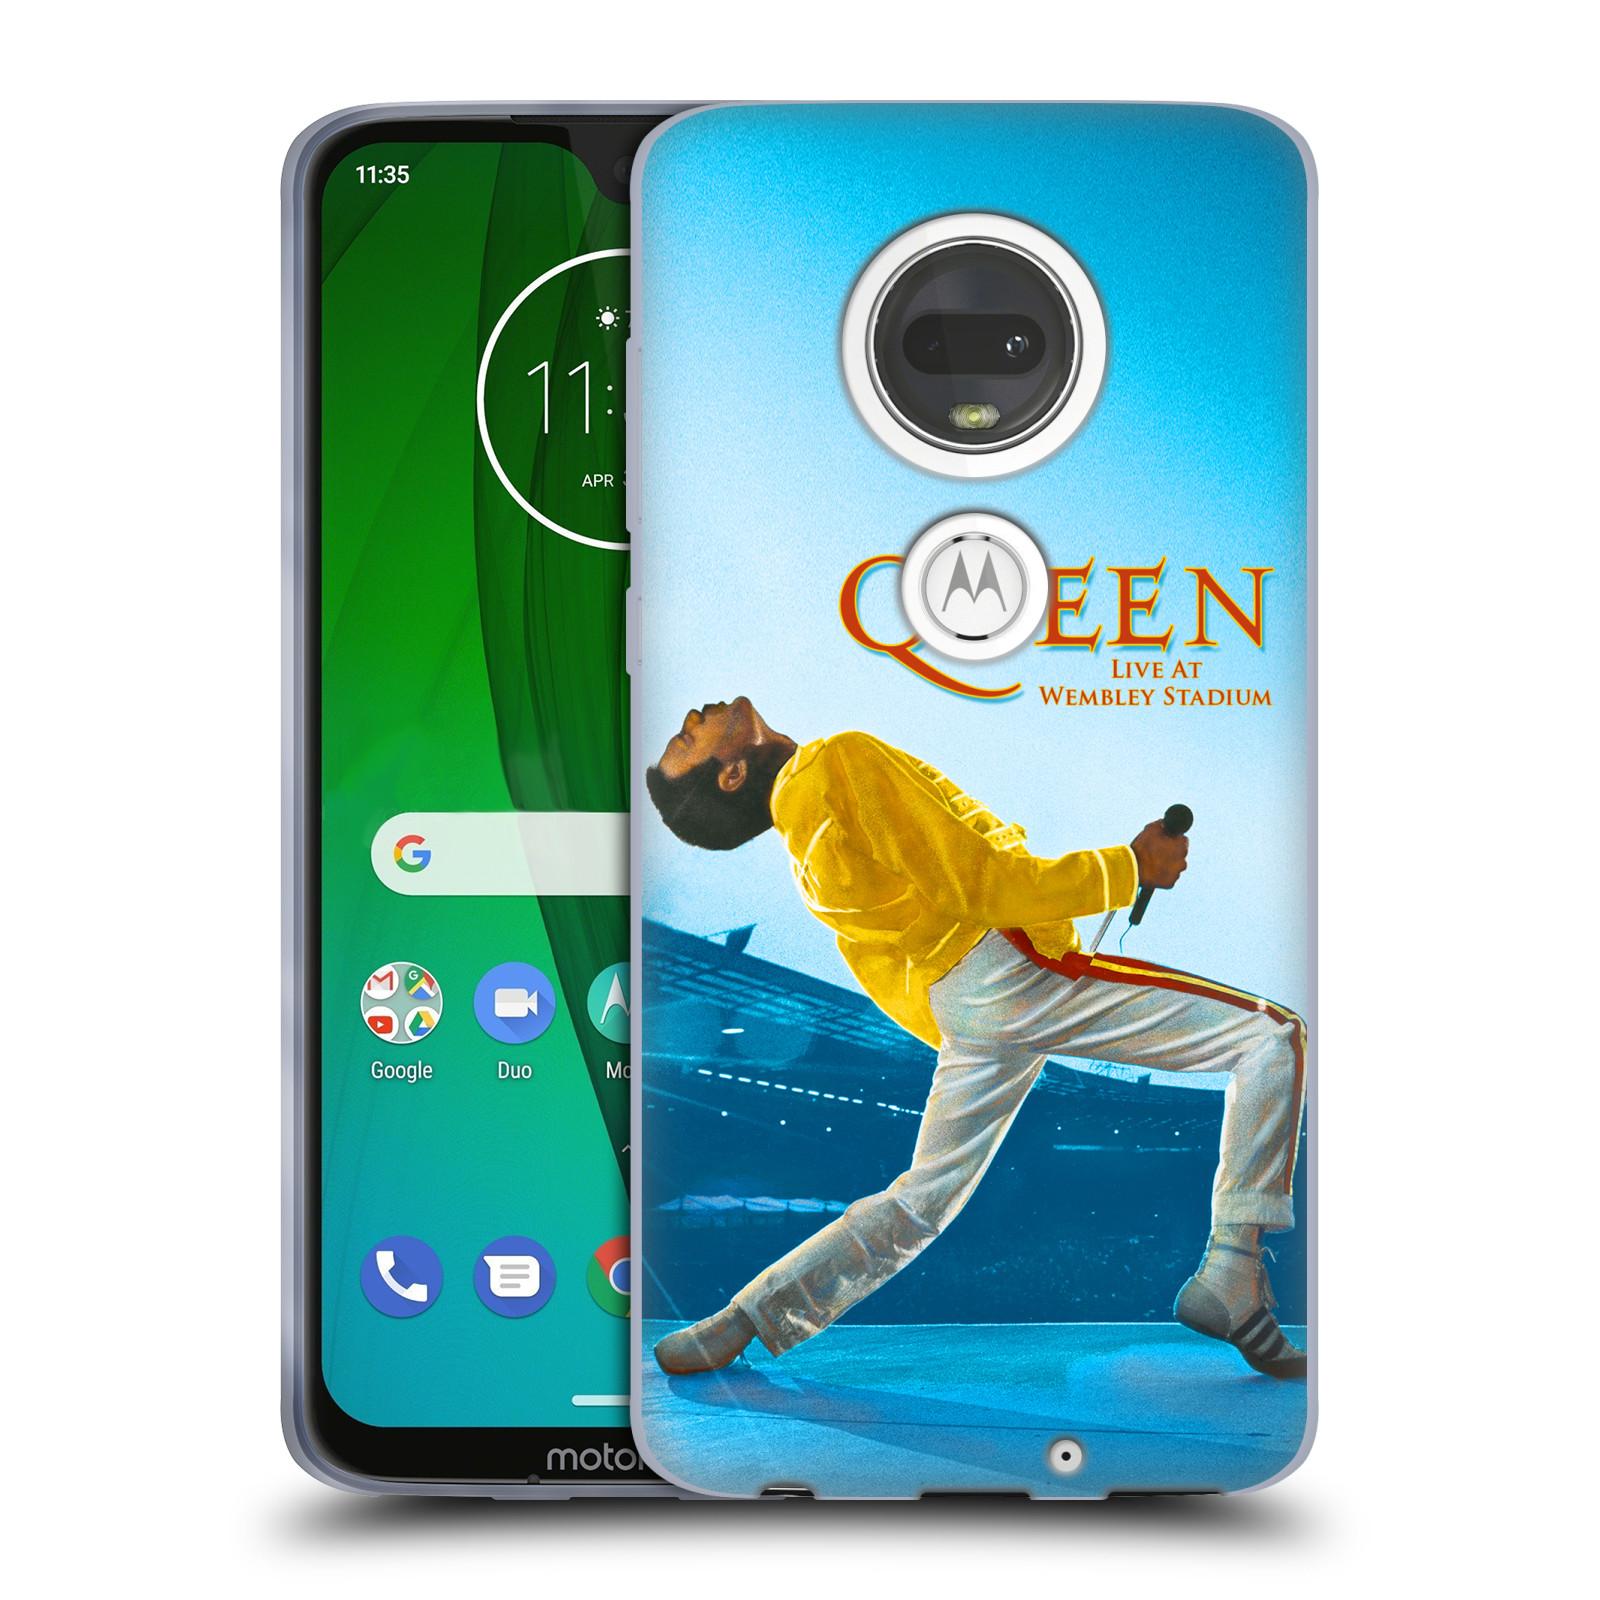 Silikonové pouzdro na mobil Motorola Moto G7 - Head Case - Queen - Freddie Mercury